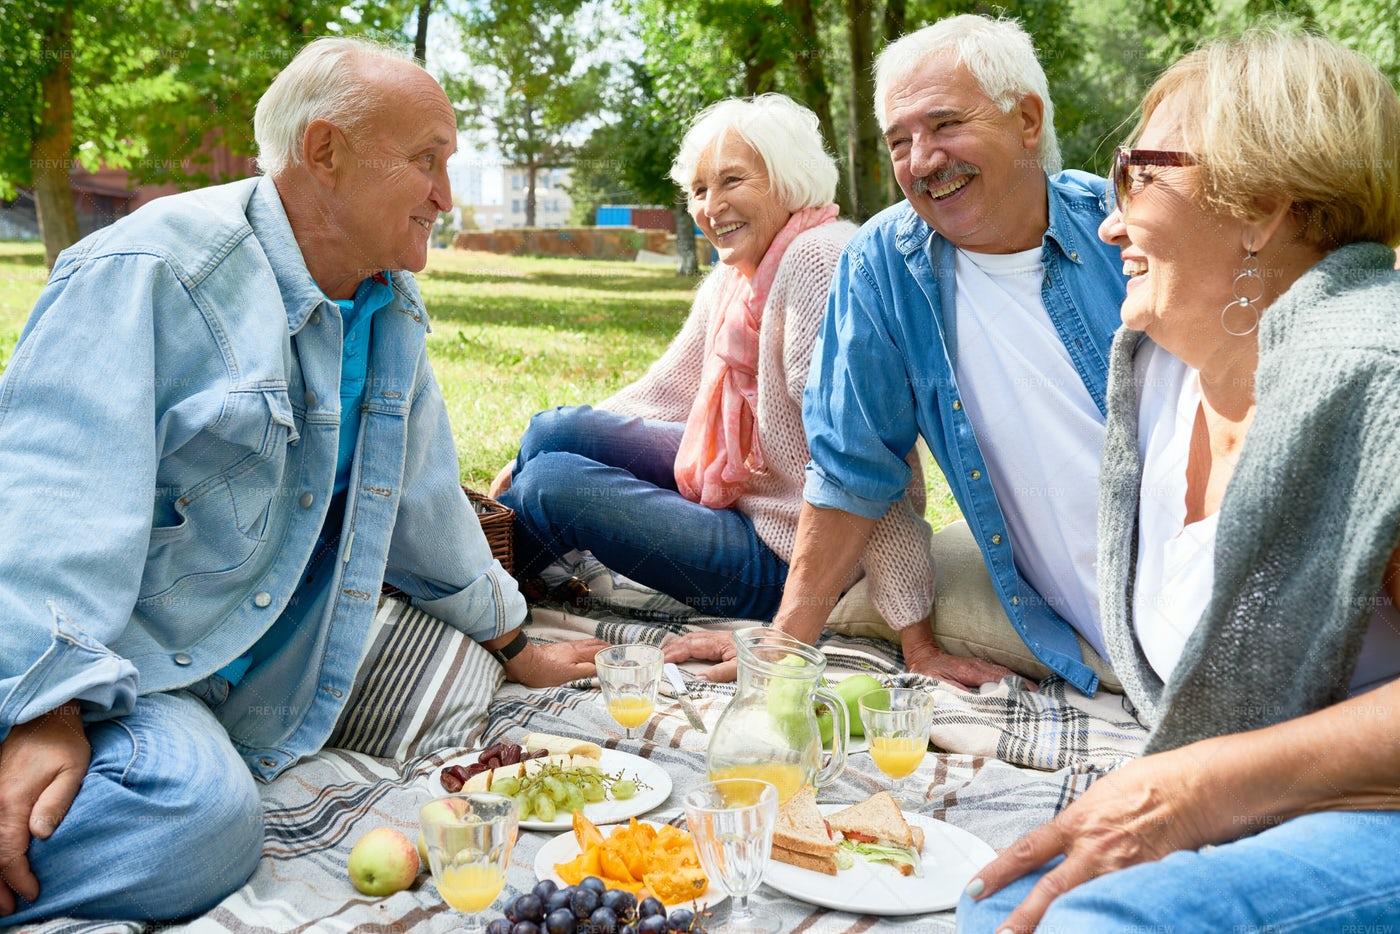 Senior People Enjoying Picnic In...: Stock Photos